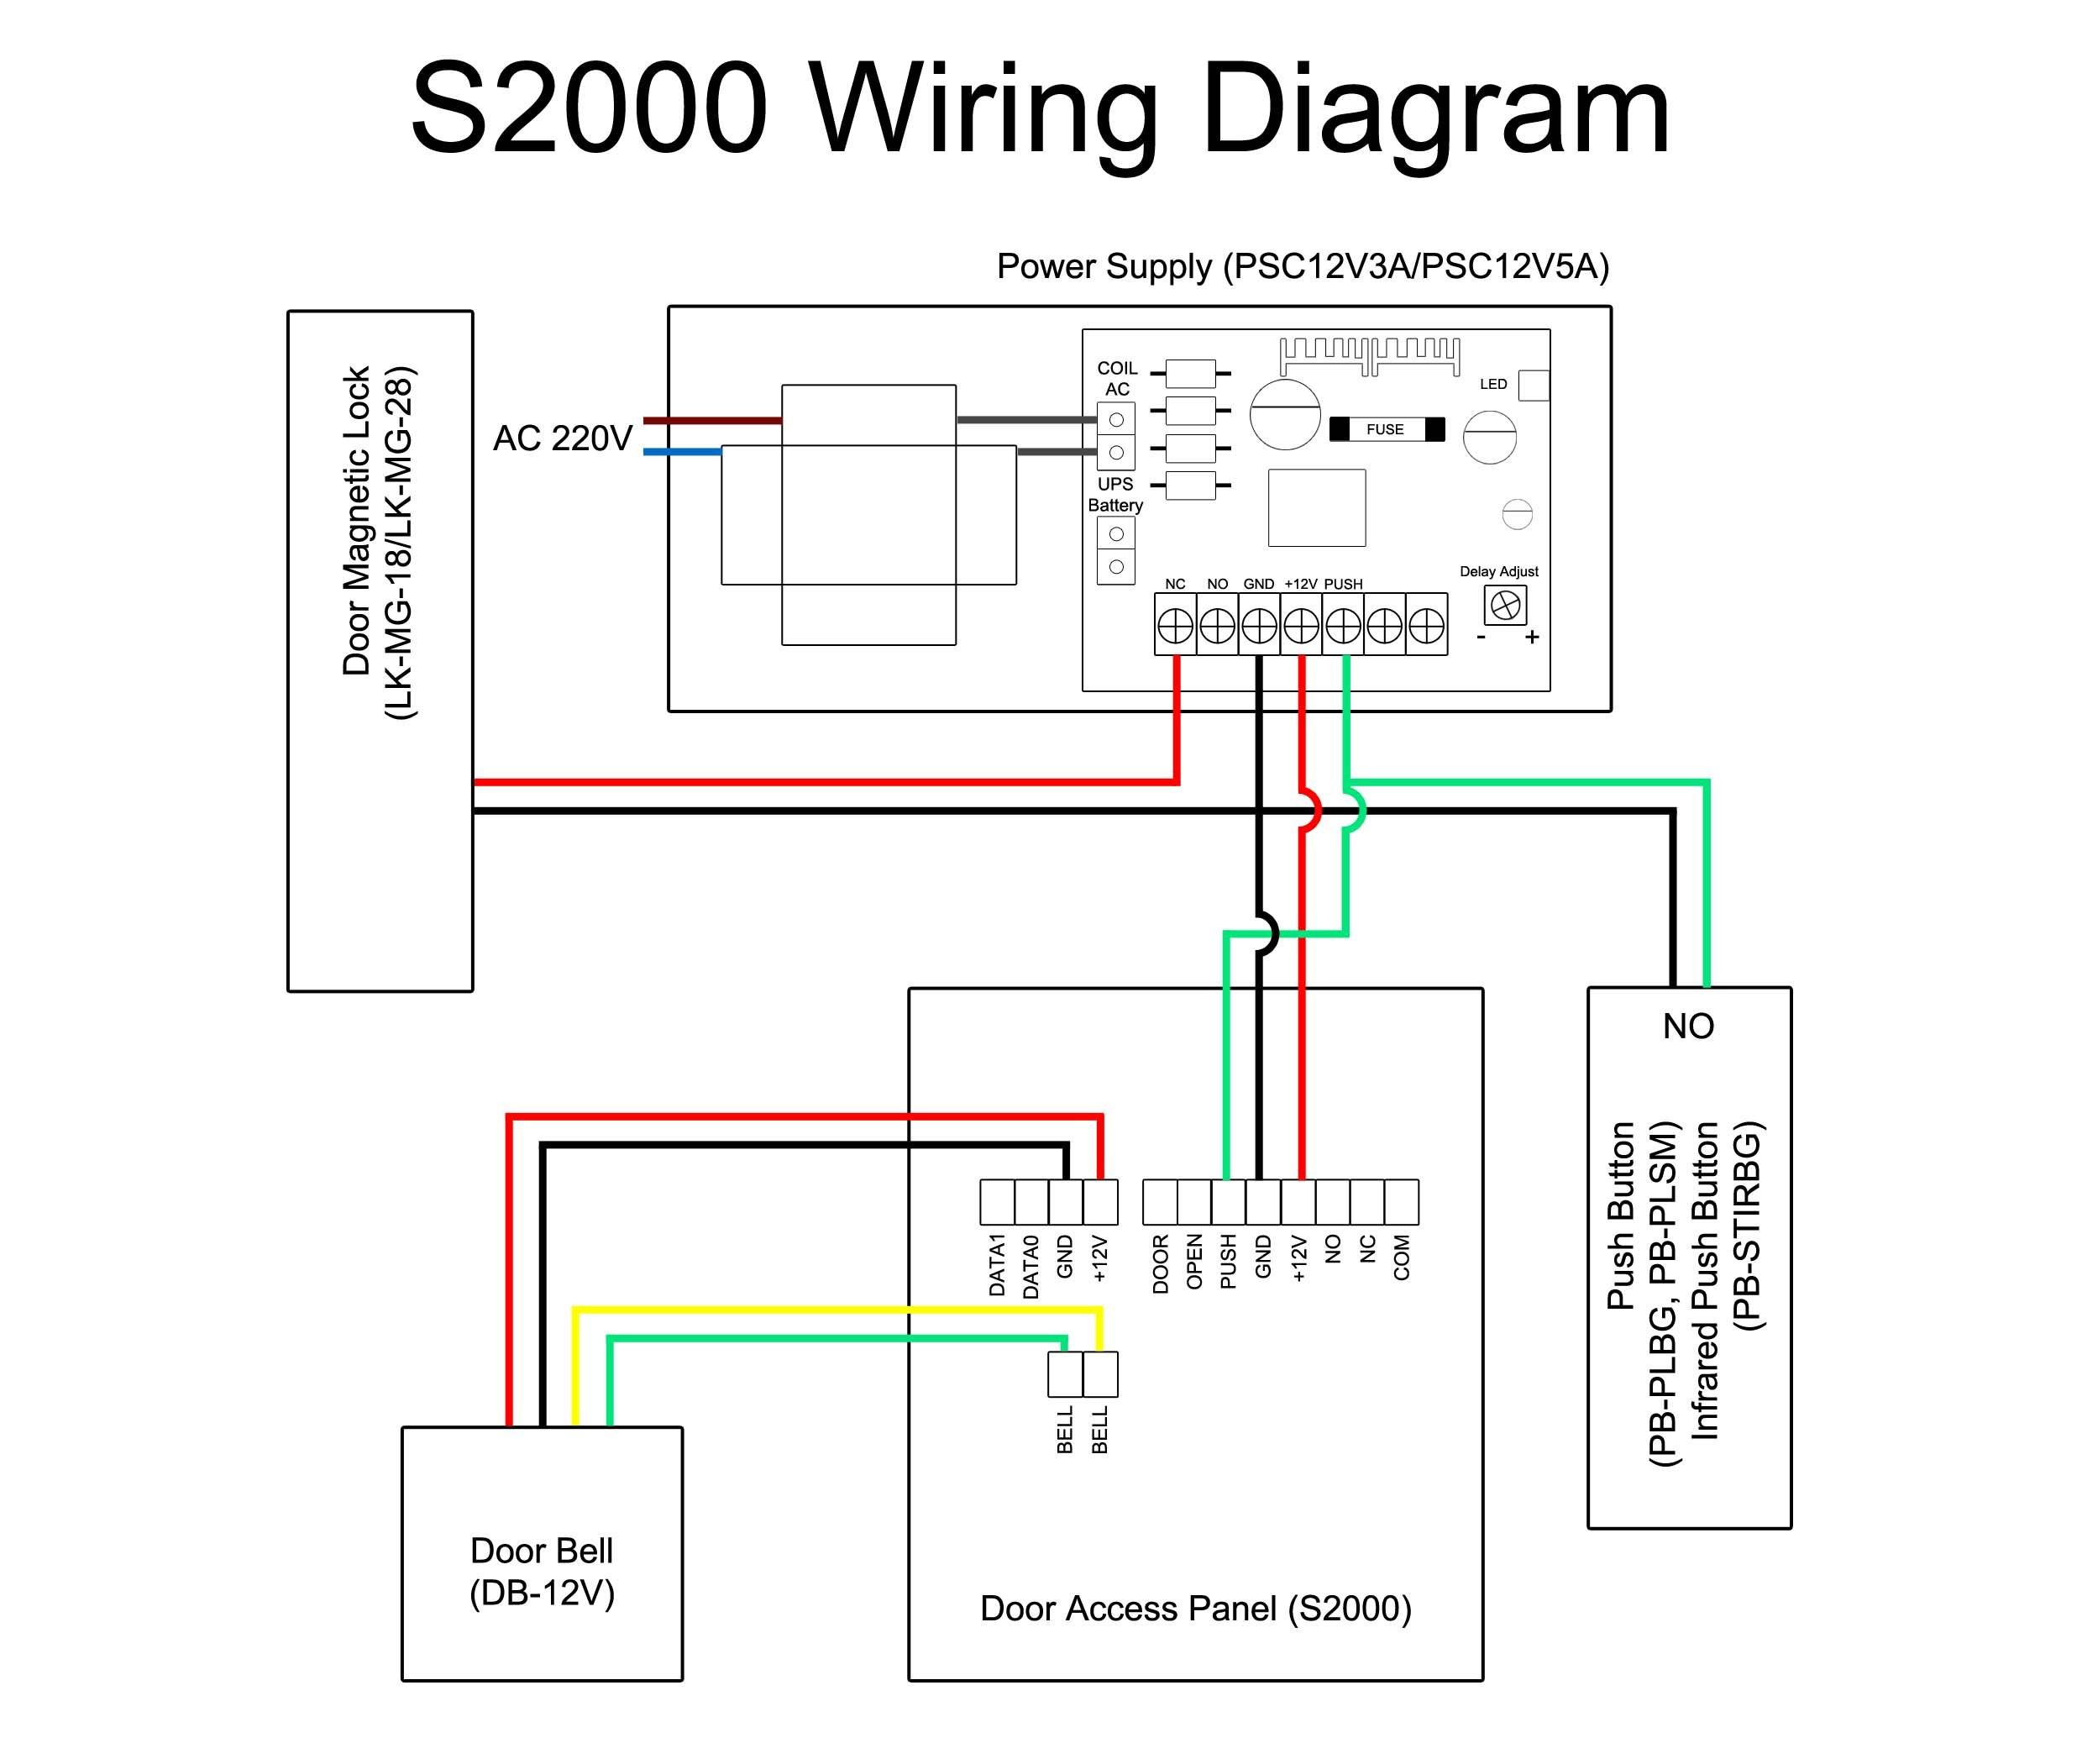 Voyager Backup Camera Wiring Diagram | Wiring Diagram - Voyager Backup Camera Wiring Diagram